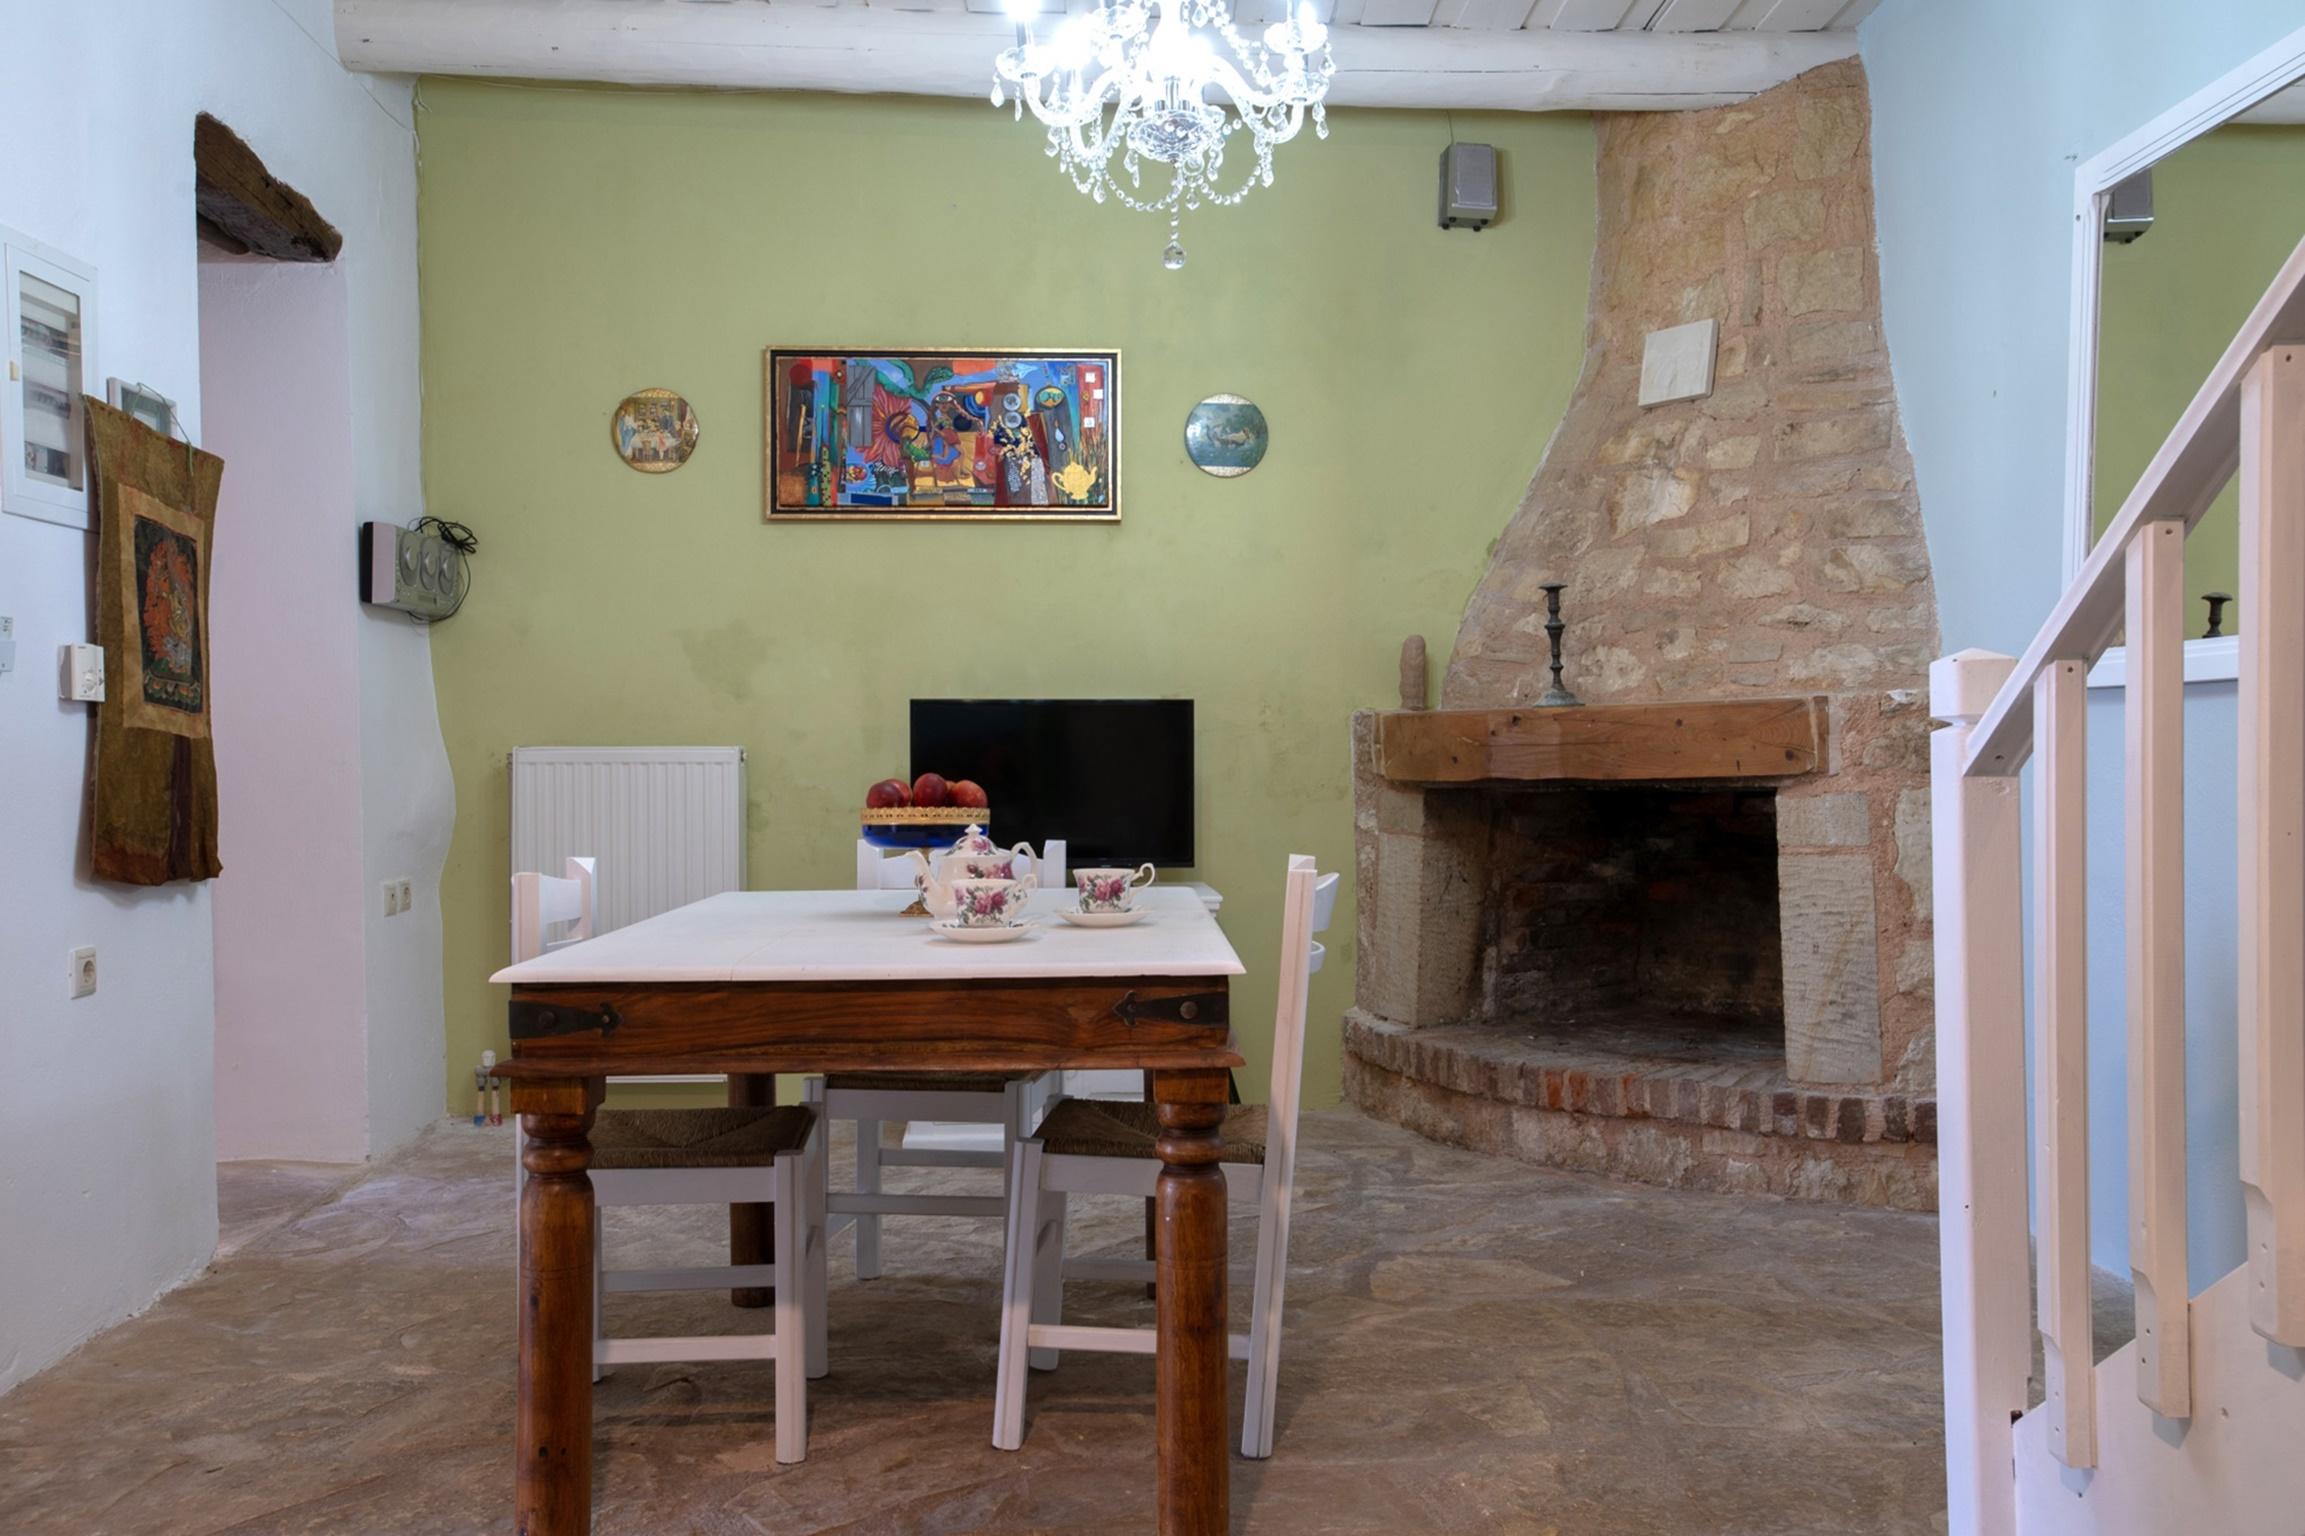 Ferienhaus Haus und Studio annektiert - Ideal groe Familien - kleines Dorf, nahe Strnde (2598996), Neon Khorion Kriti, Kreta Nordküste, Kreta, Griechenland, Bild 7